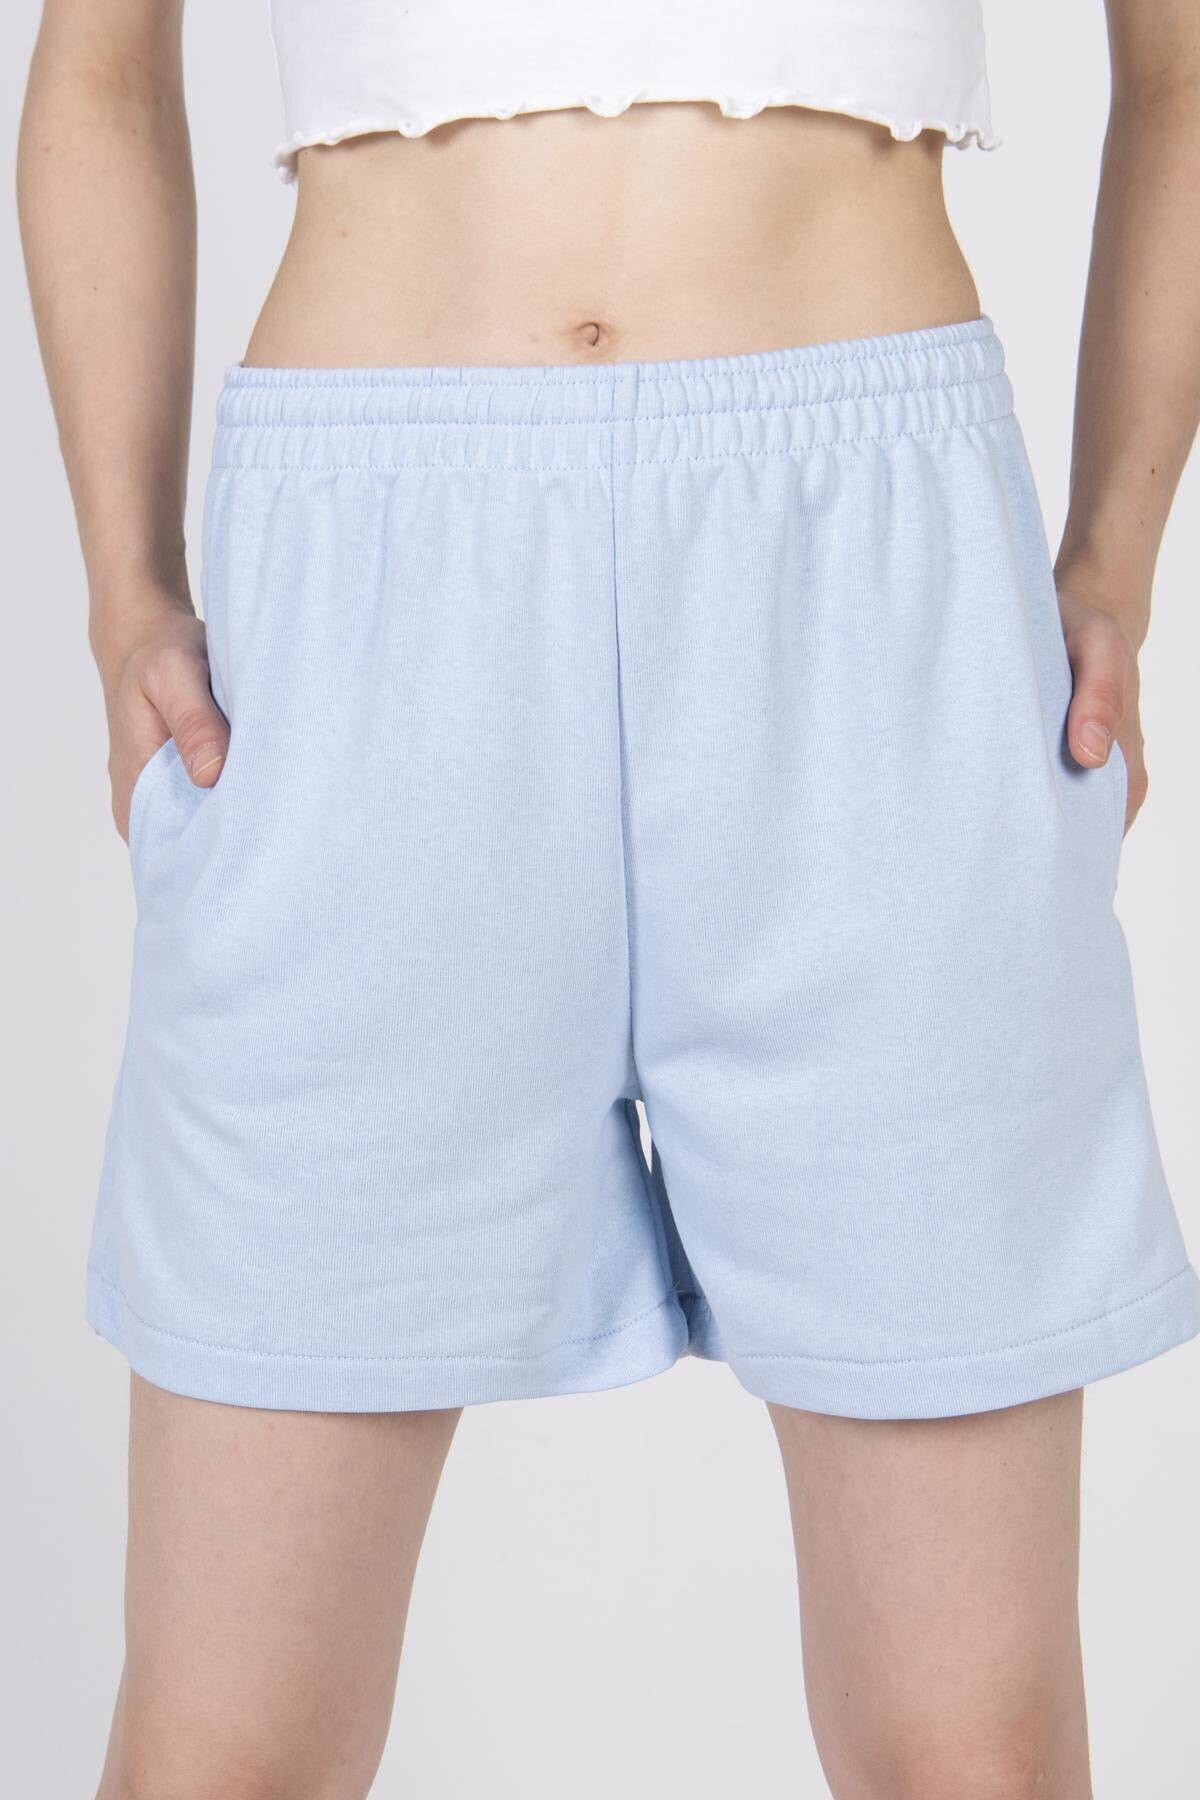 Addax Kadın Mavi Cep Detaylı Şort Ş0941 - F3 - F4 ADX-0000022301 2